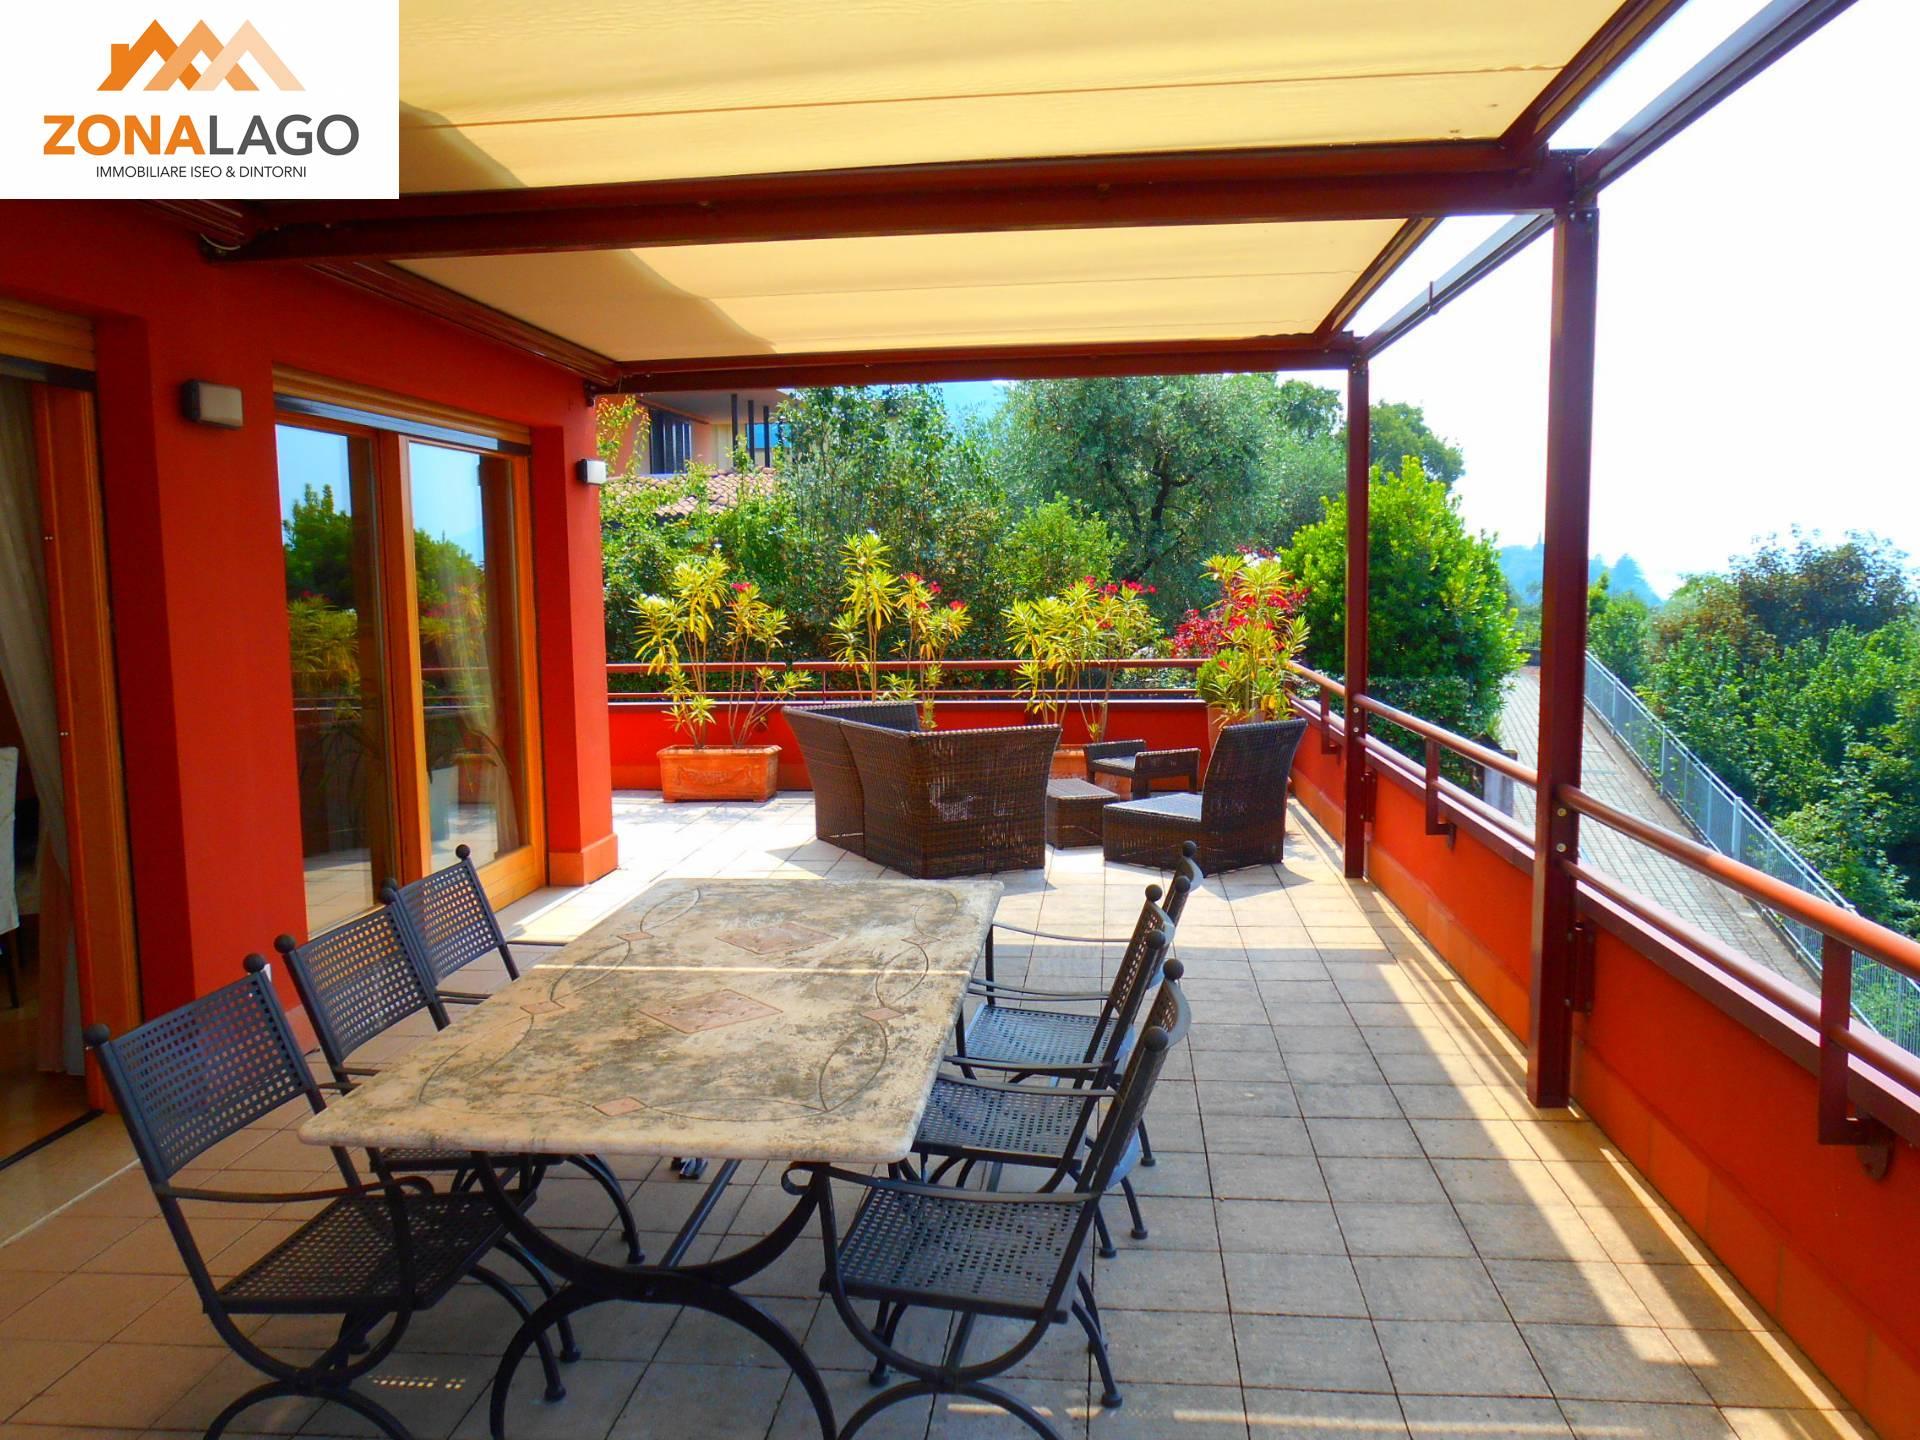 Appartamento in vendita a Iseo, 5 locali, zona one, prezzo € 350.000 | PortaleAgenzieImmobiliari.it